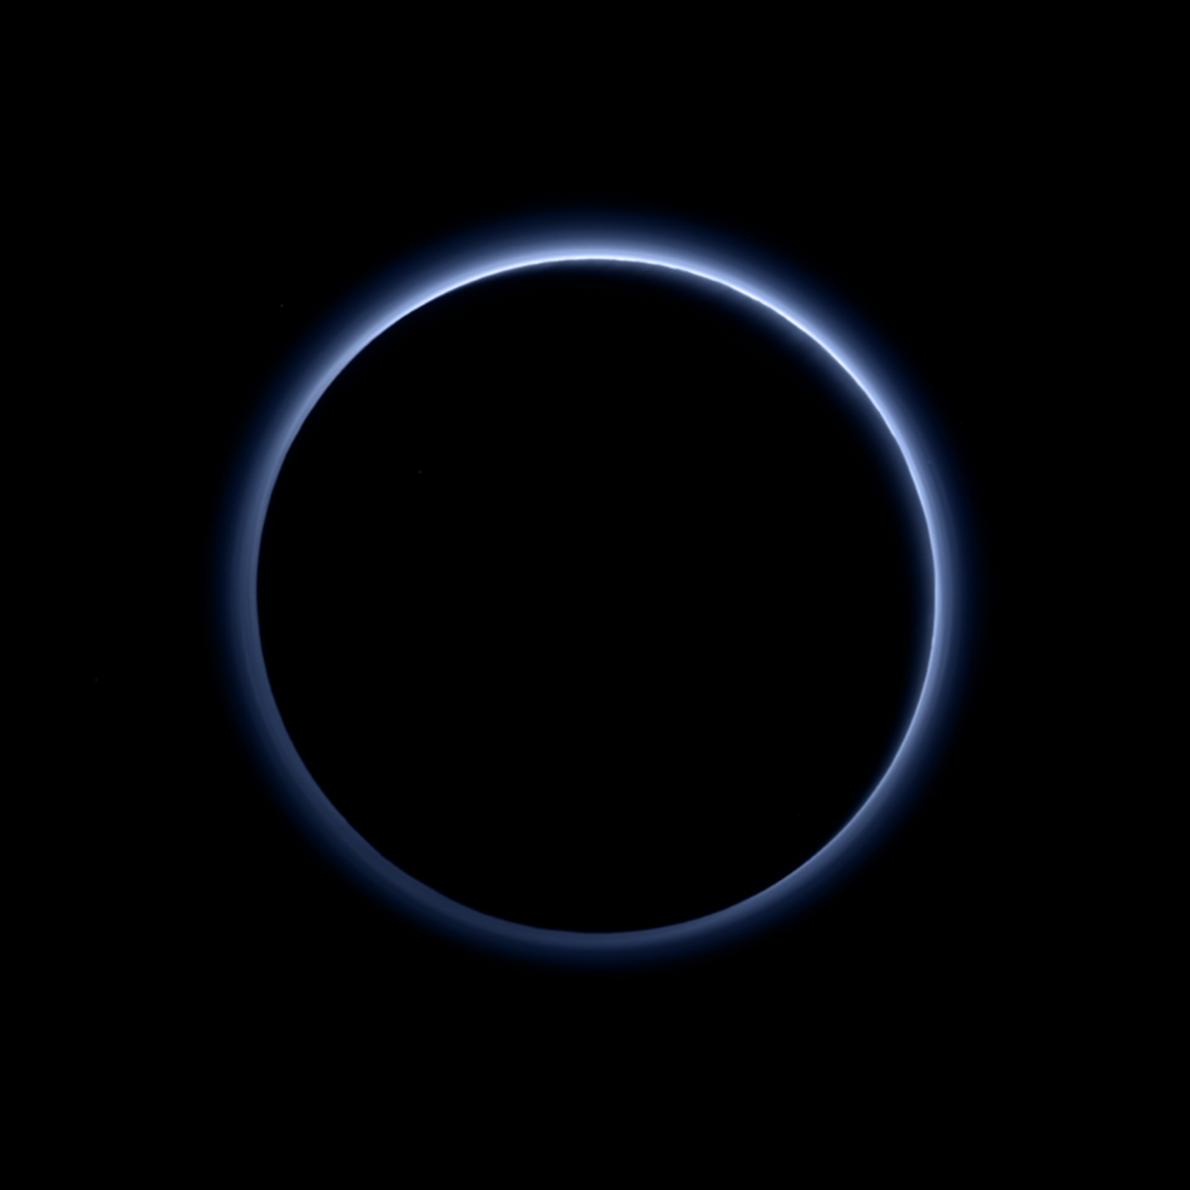 Sur cette photo prise par l'imageur Ralph/MVIC (Multispectral Visible Imaging Camera) de la sonde New Horizons, ...